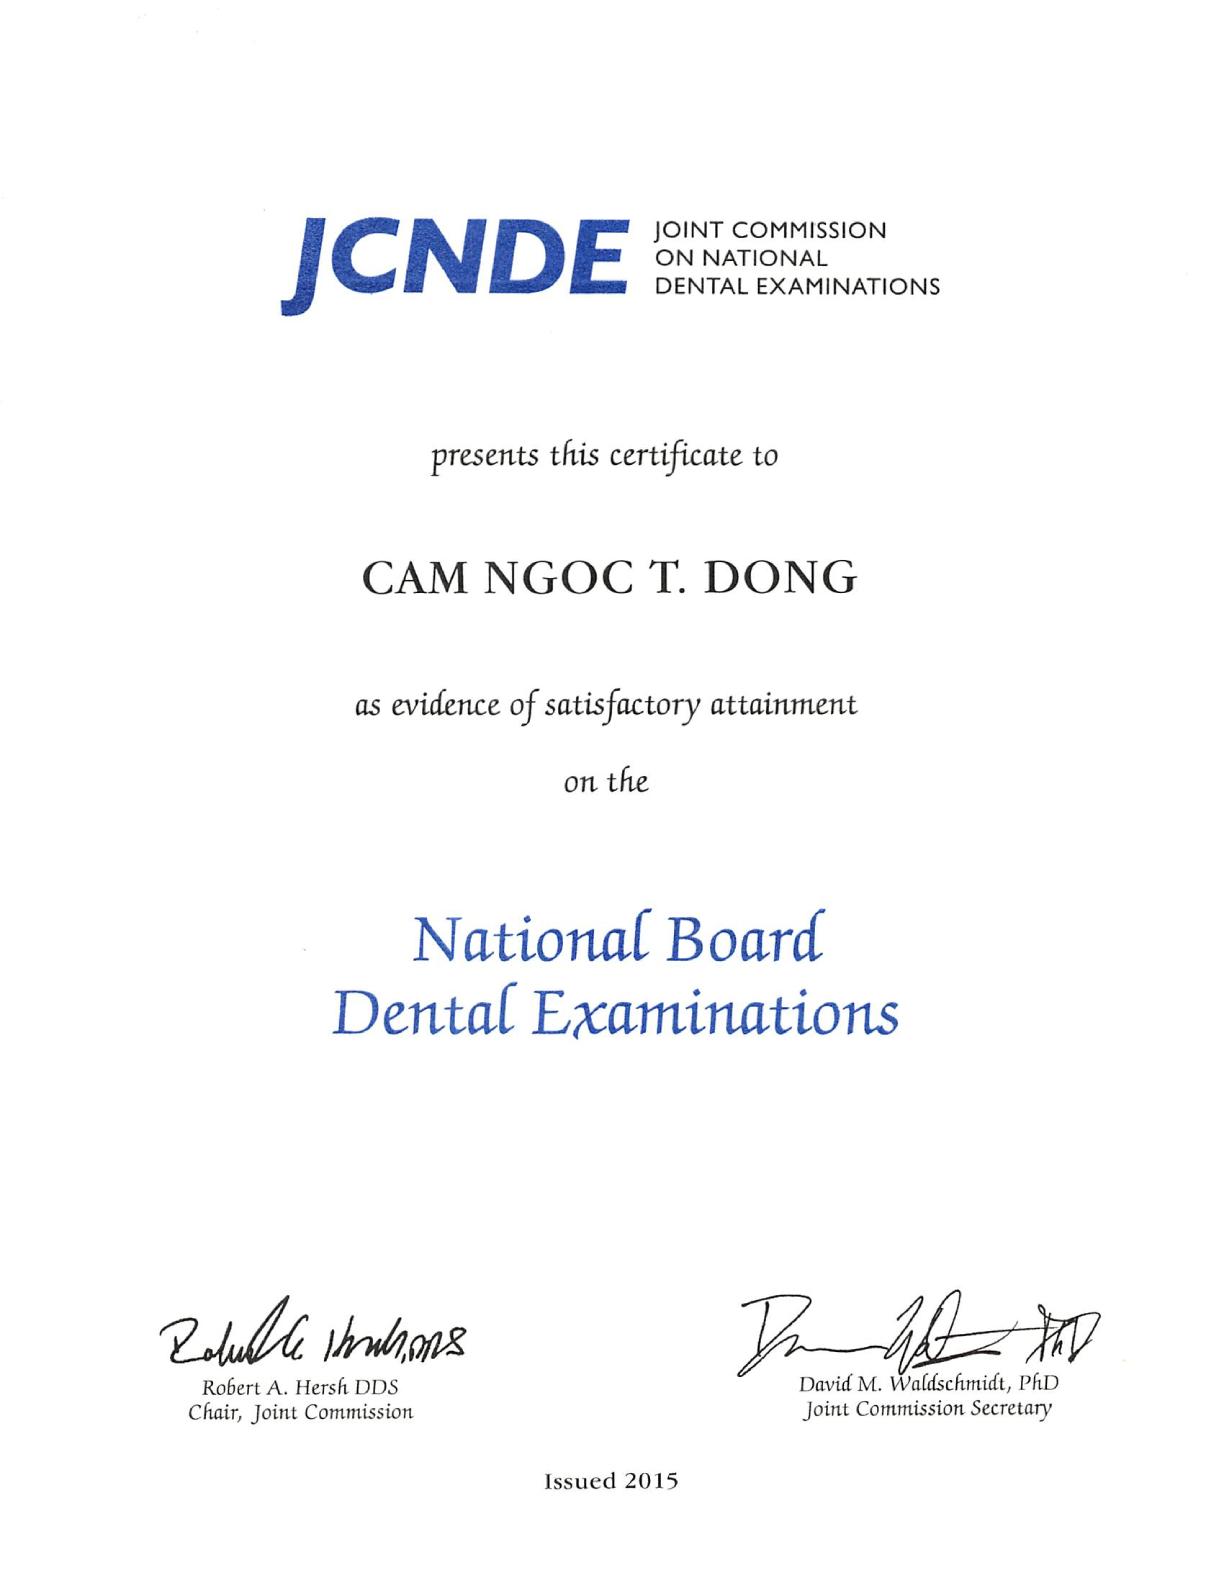 JCNDE National Board Dental Exam